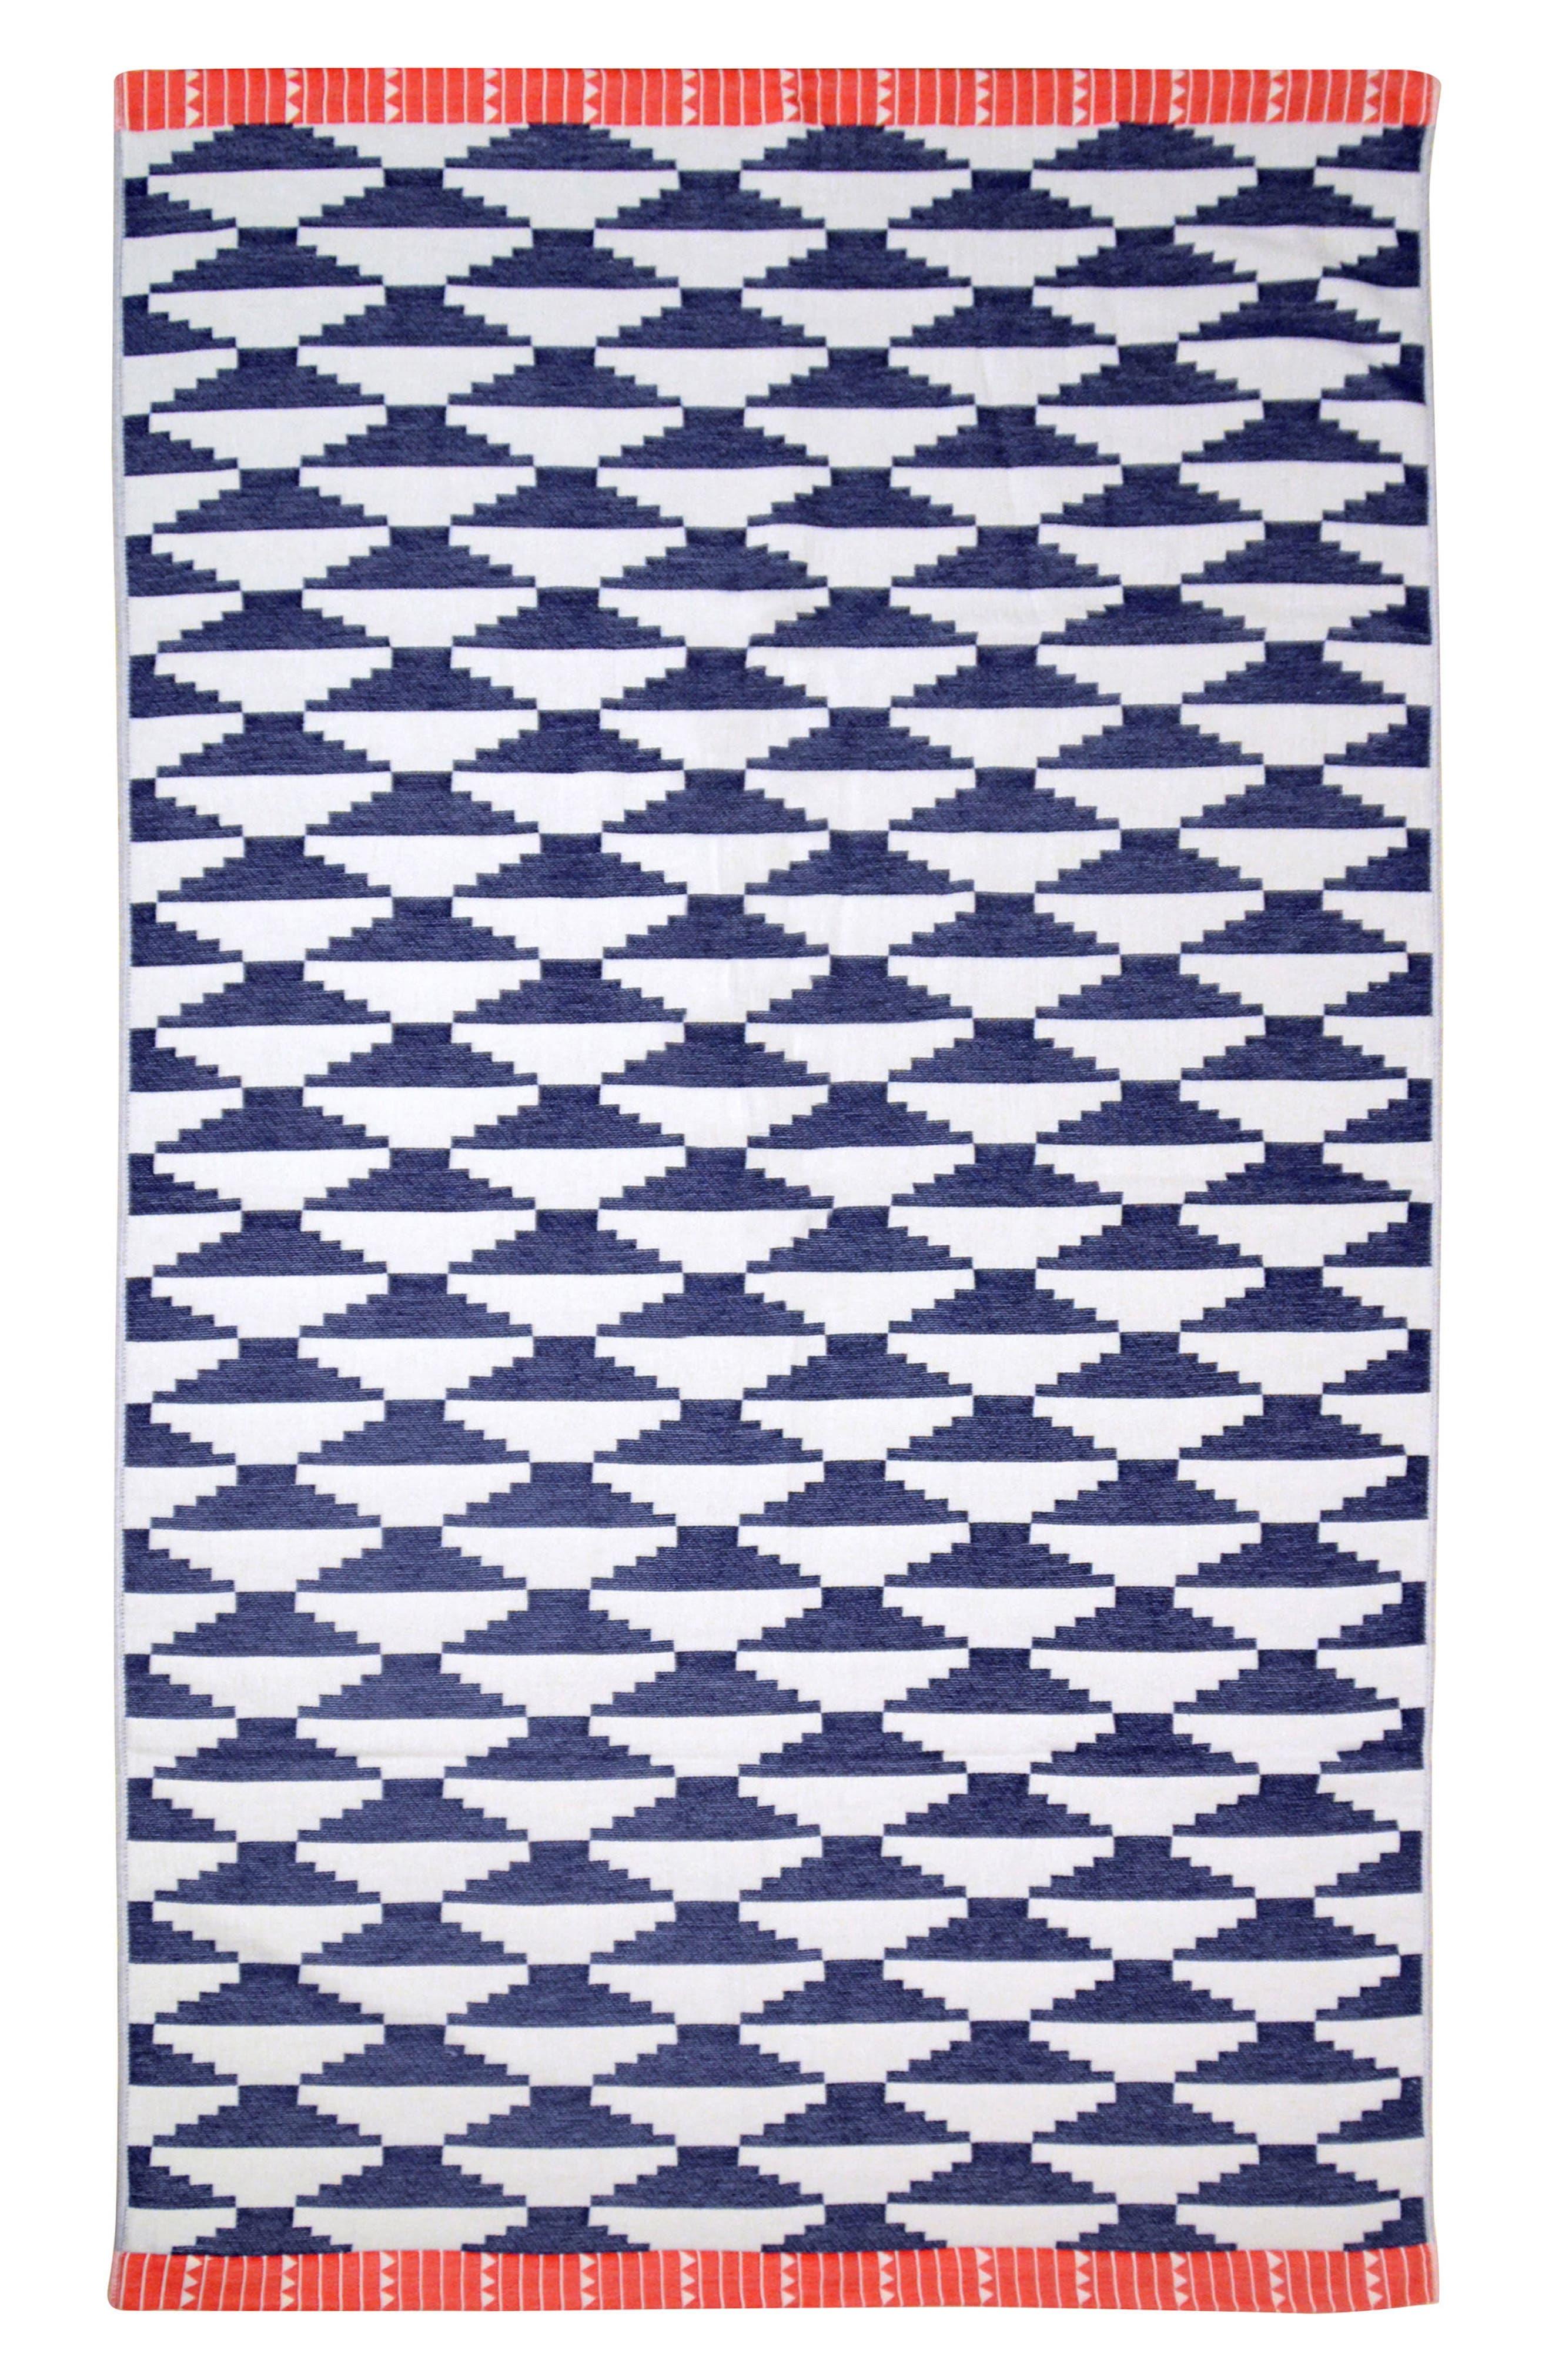 Rana Hammam Bath Towel,                             Main thumbnail 1, color,                             400